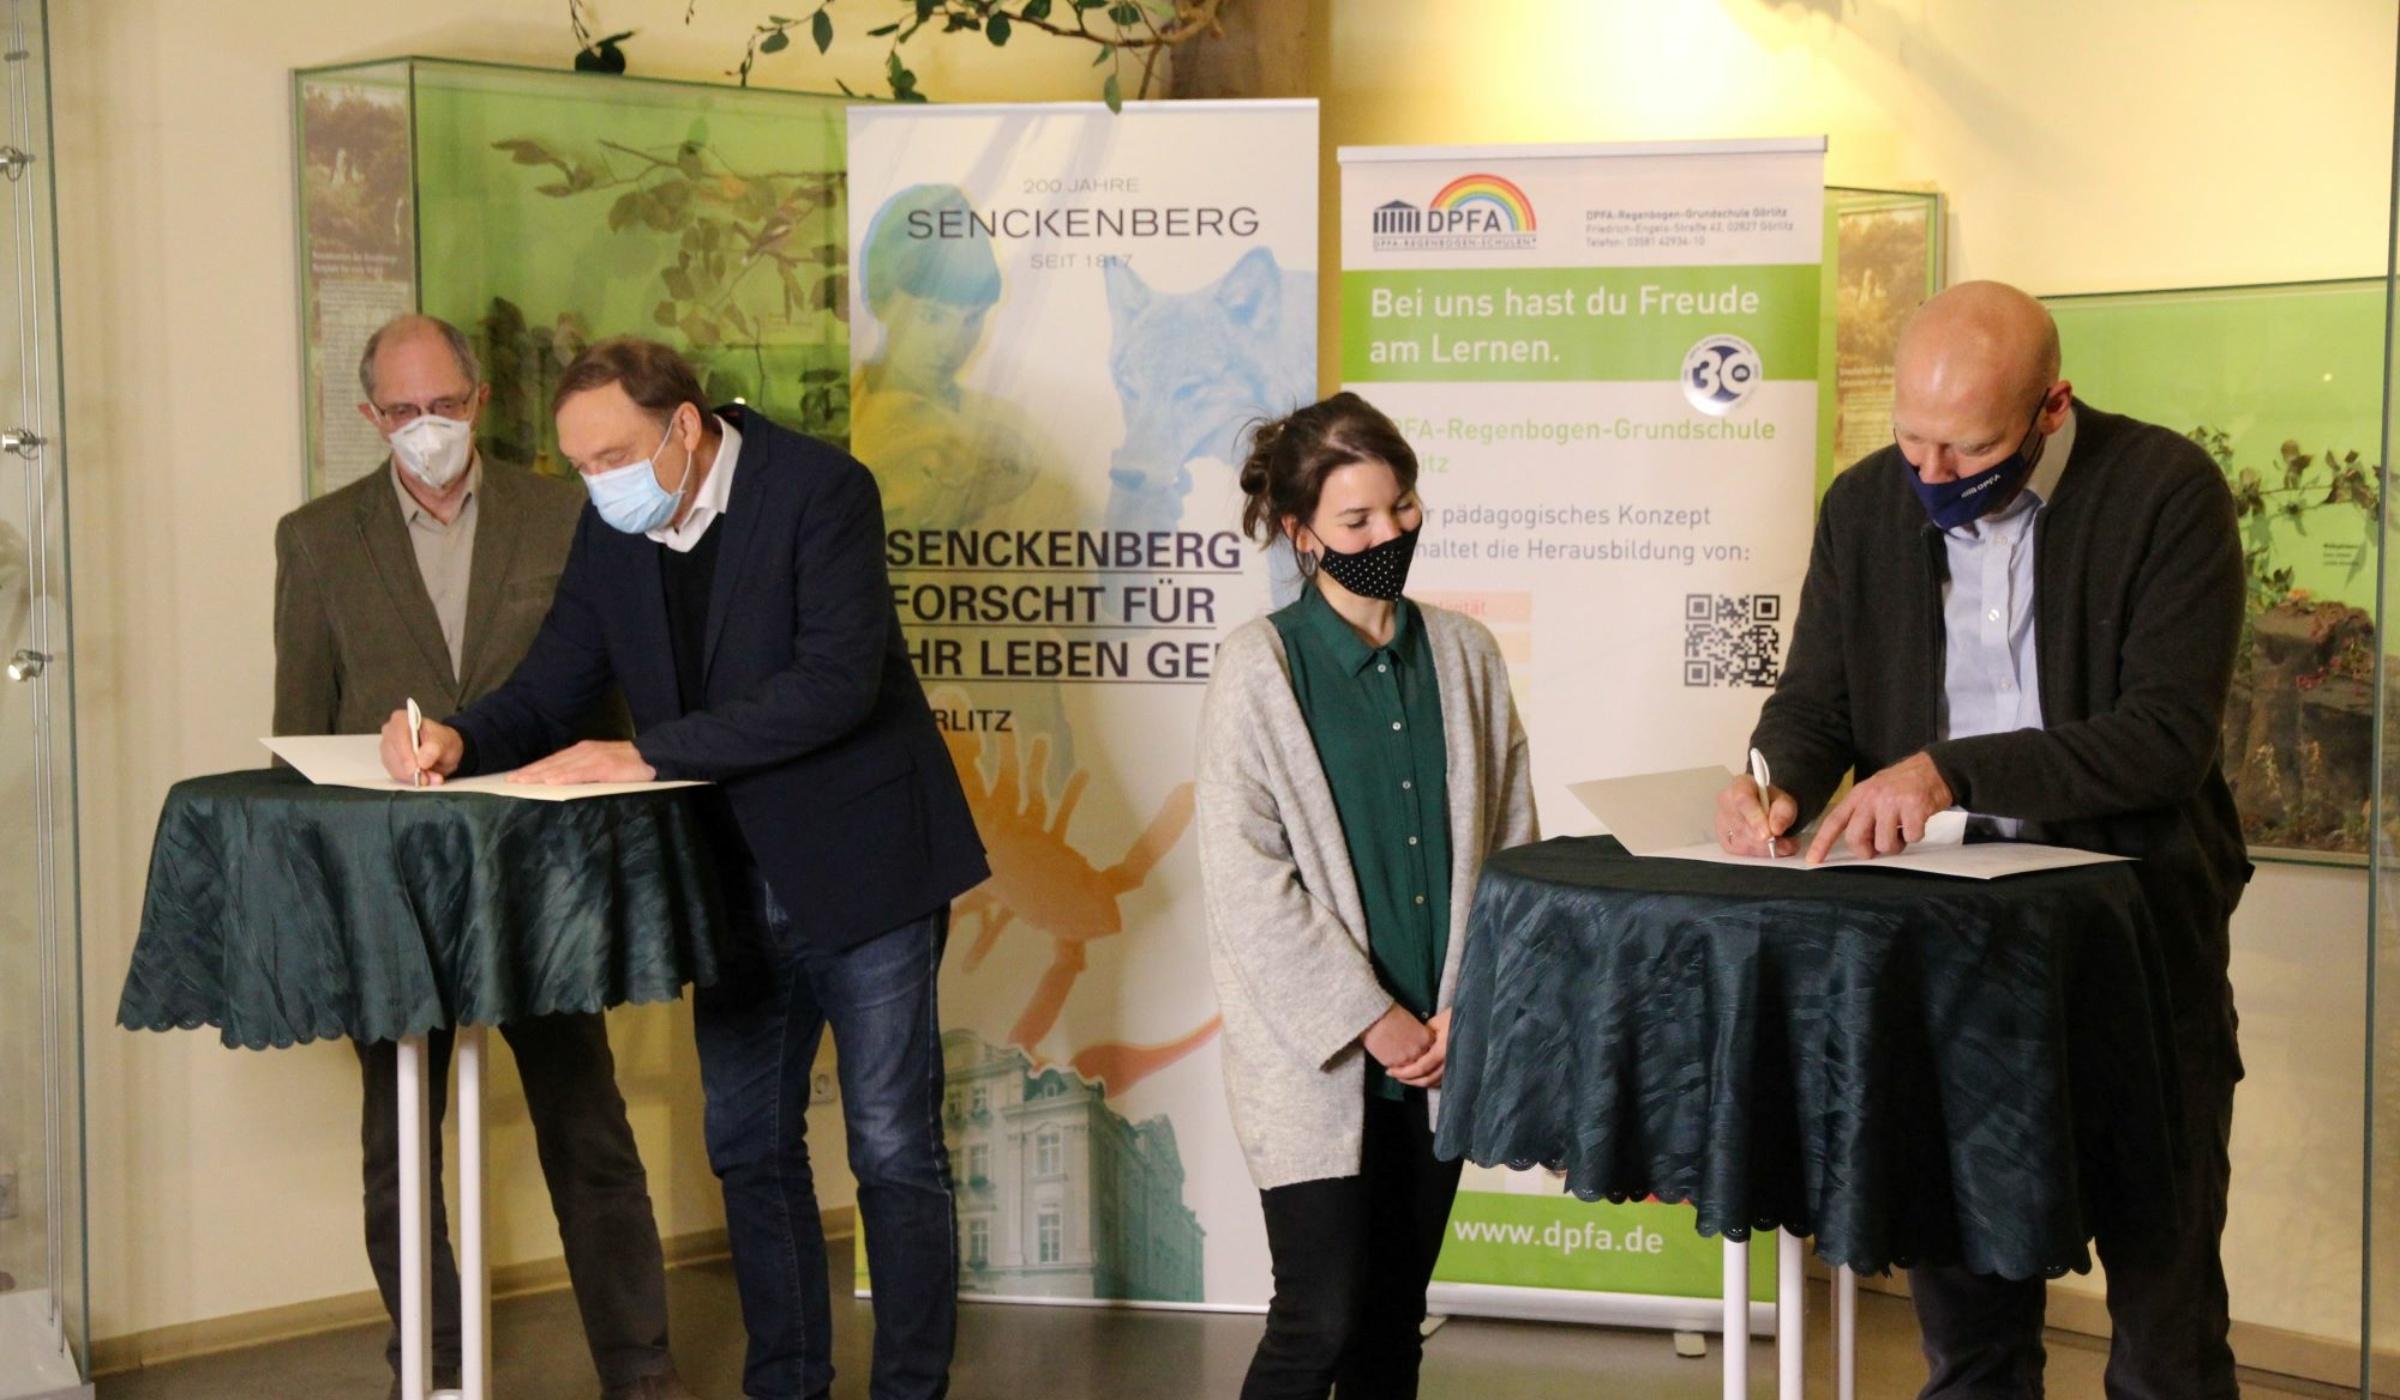 Unterzeichnung Kooperationsvertrag mit DPFA-Regenbogenschule